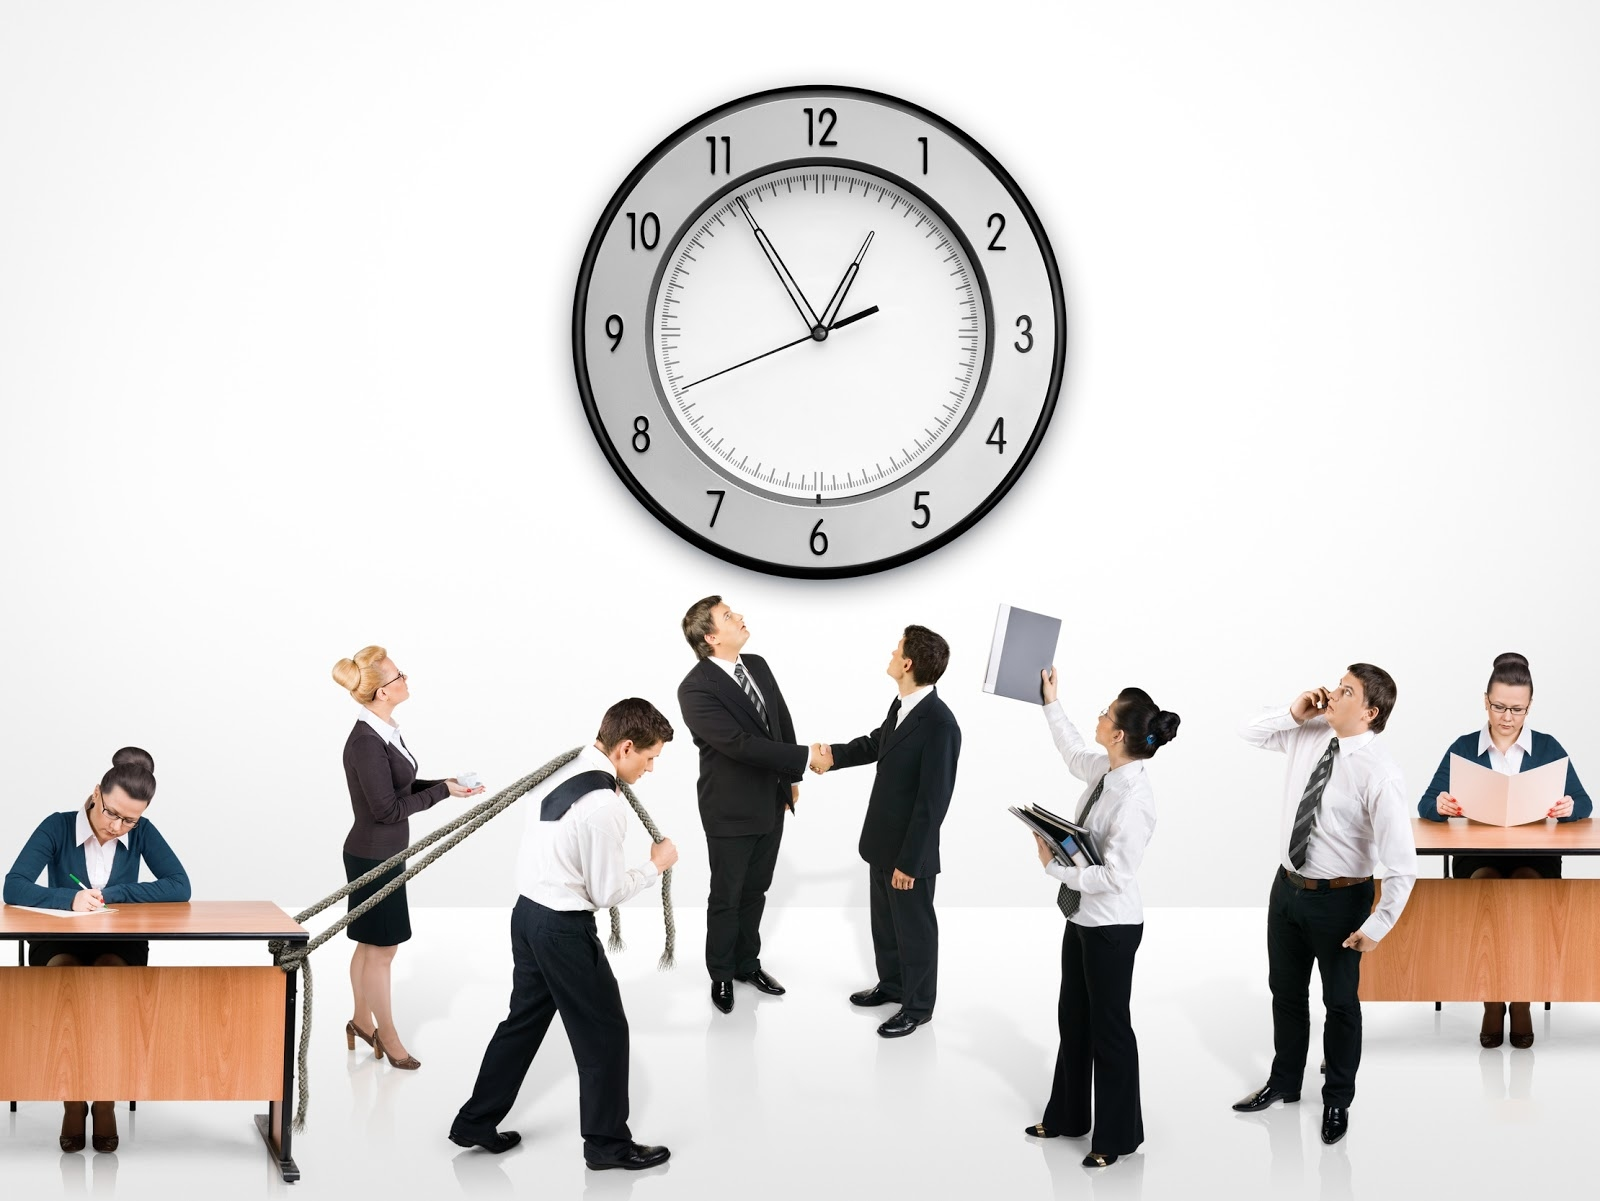 Сколько длится рабочая неделя в часах по ТК РФ